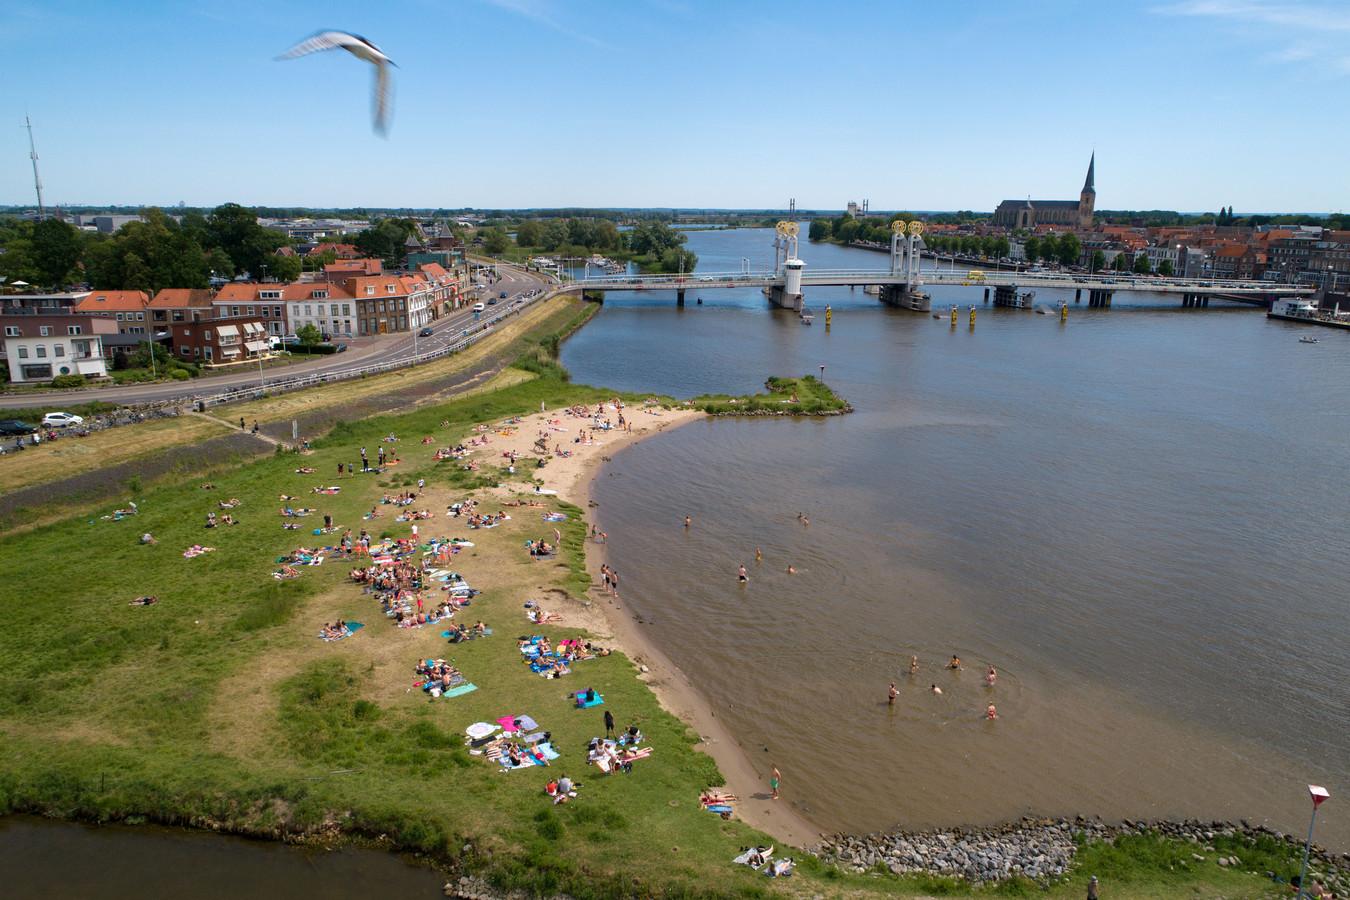 Op het stadsstrand aan de IJssel tegenover het stadsfront van Kampen mag er een strandpaviljoen komen. Omwonenden hekelen de manier waarop de gemeente Kampen dit besluit heeft genomen en dienen een handhavingsverzoek in.